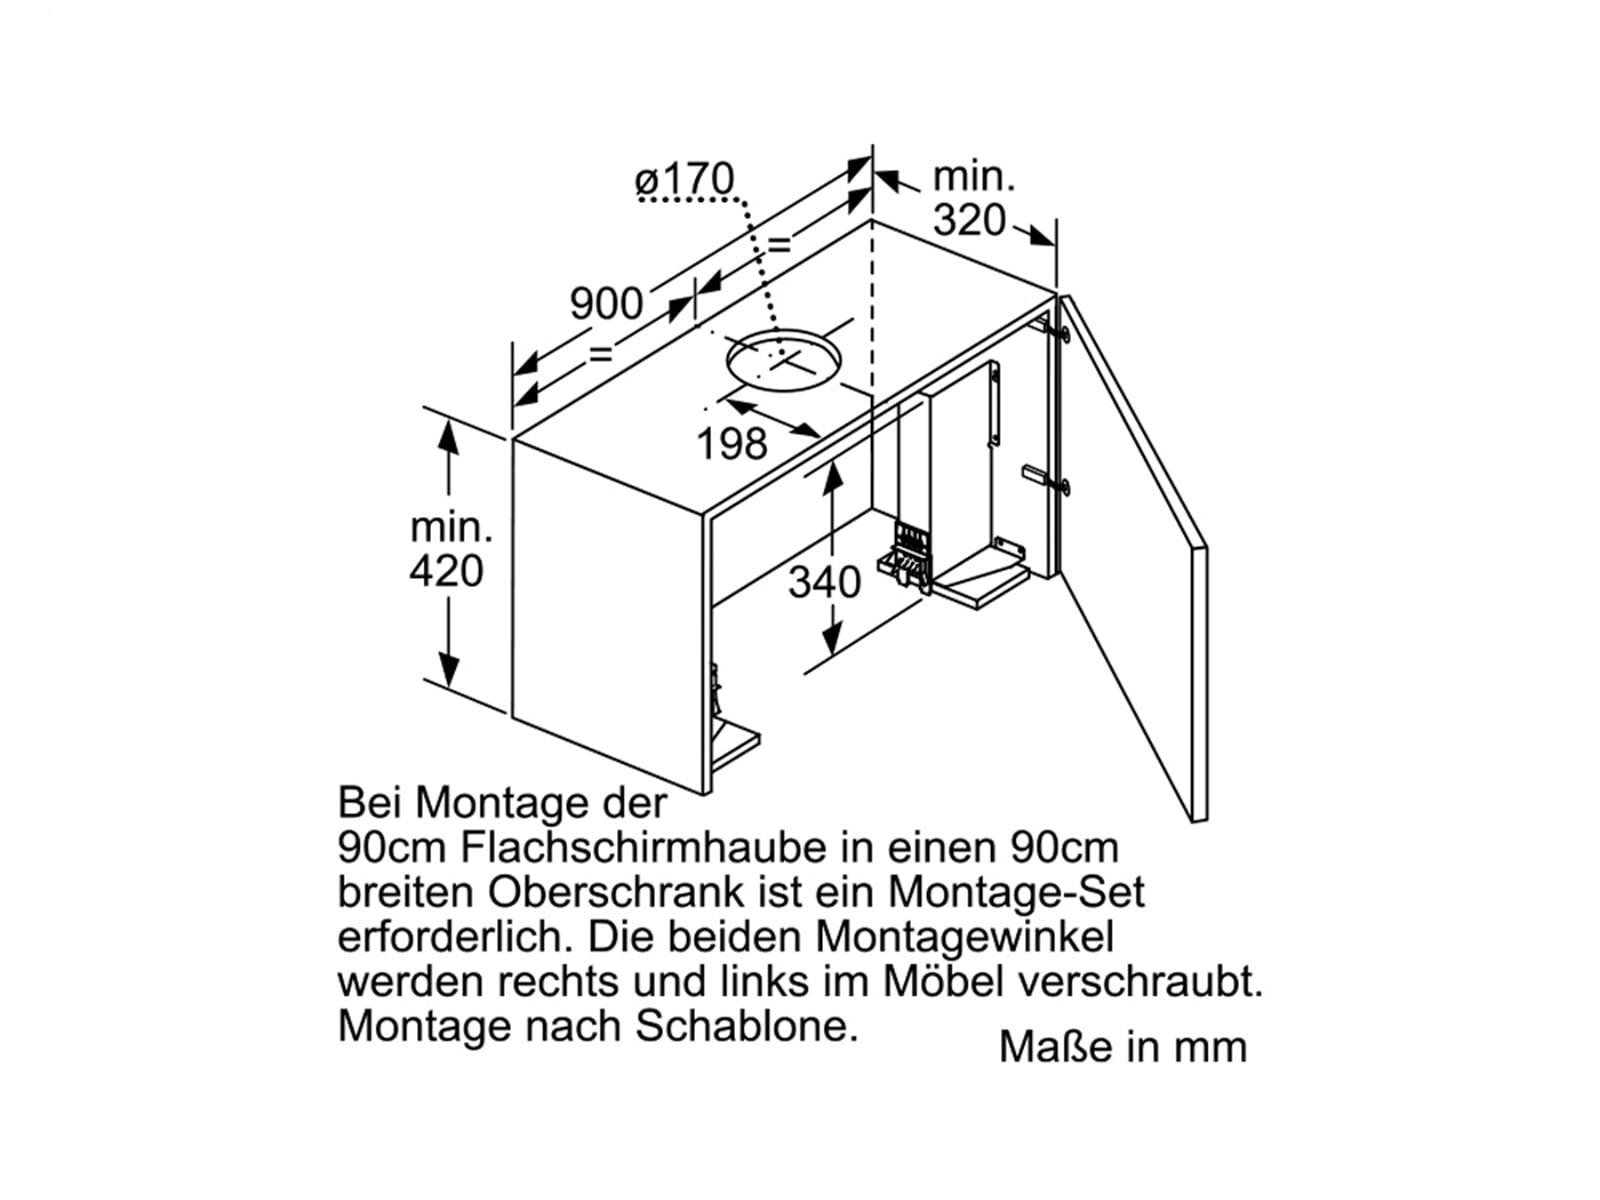 siemens lz49200 montage set. Black Bedroom Furniture Sets. Home Design Ideas